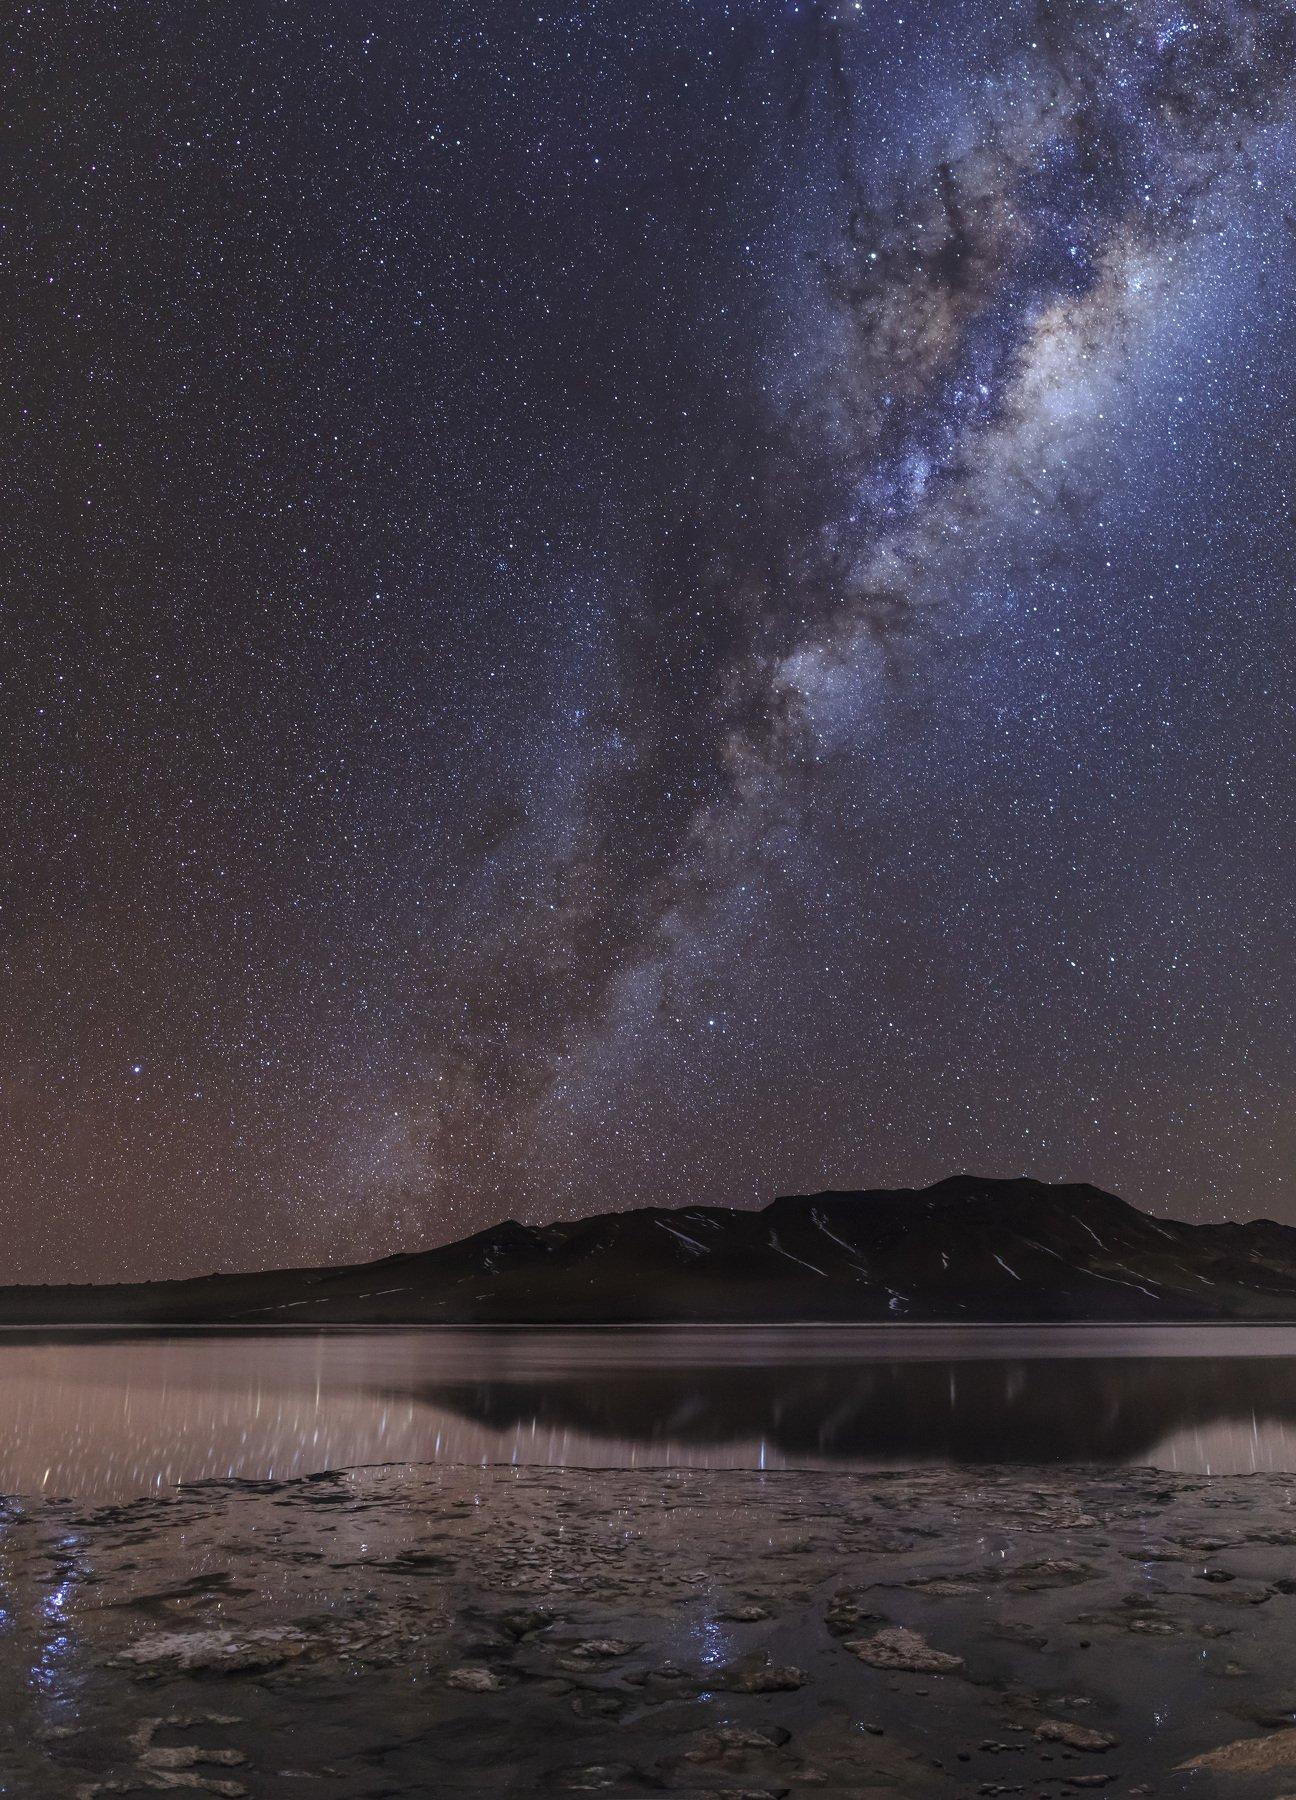 Млечный путь, Чили, Алтиплано, отражение, Vitalis Vasylius